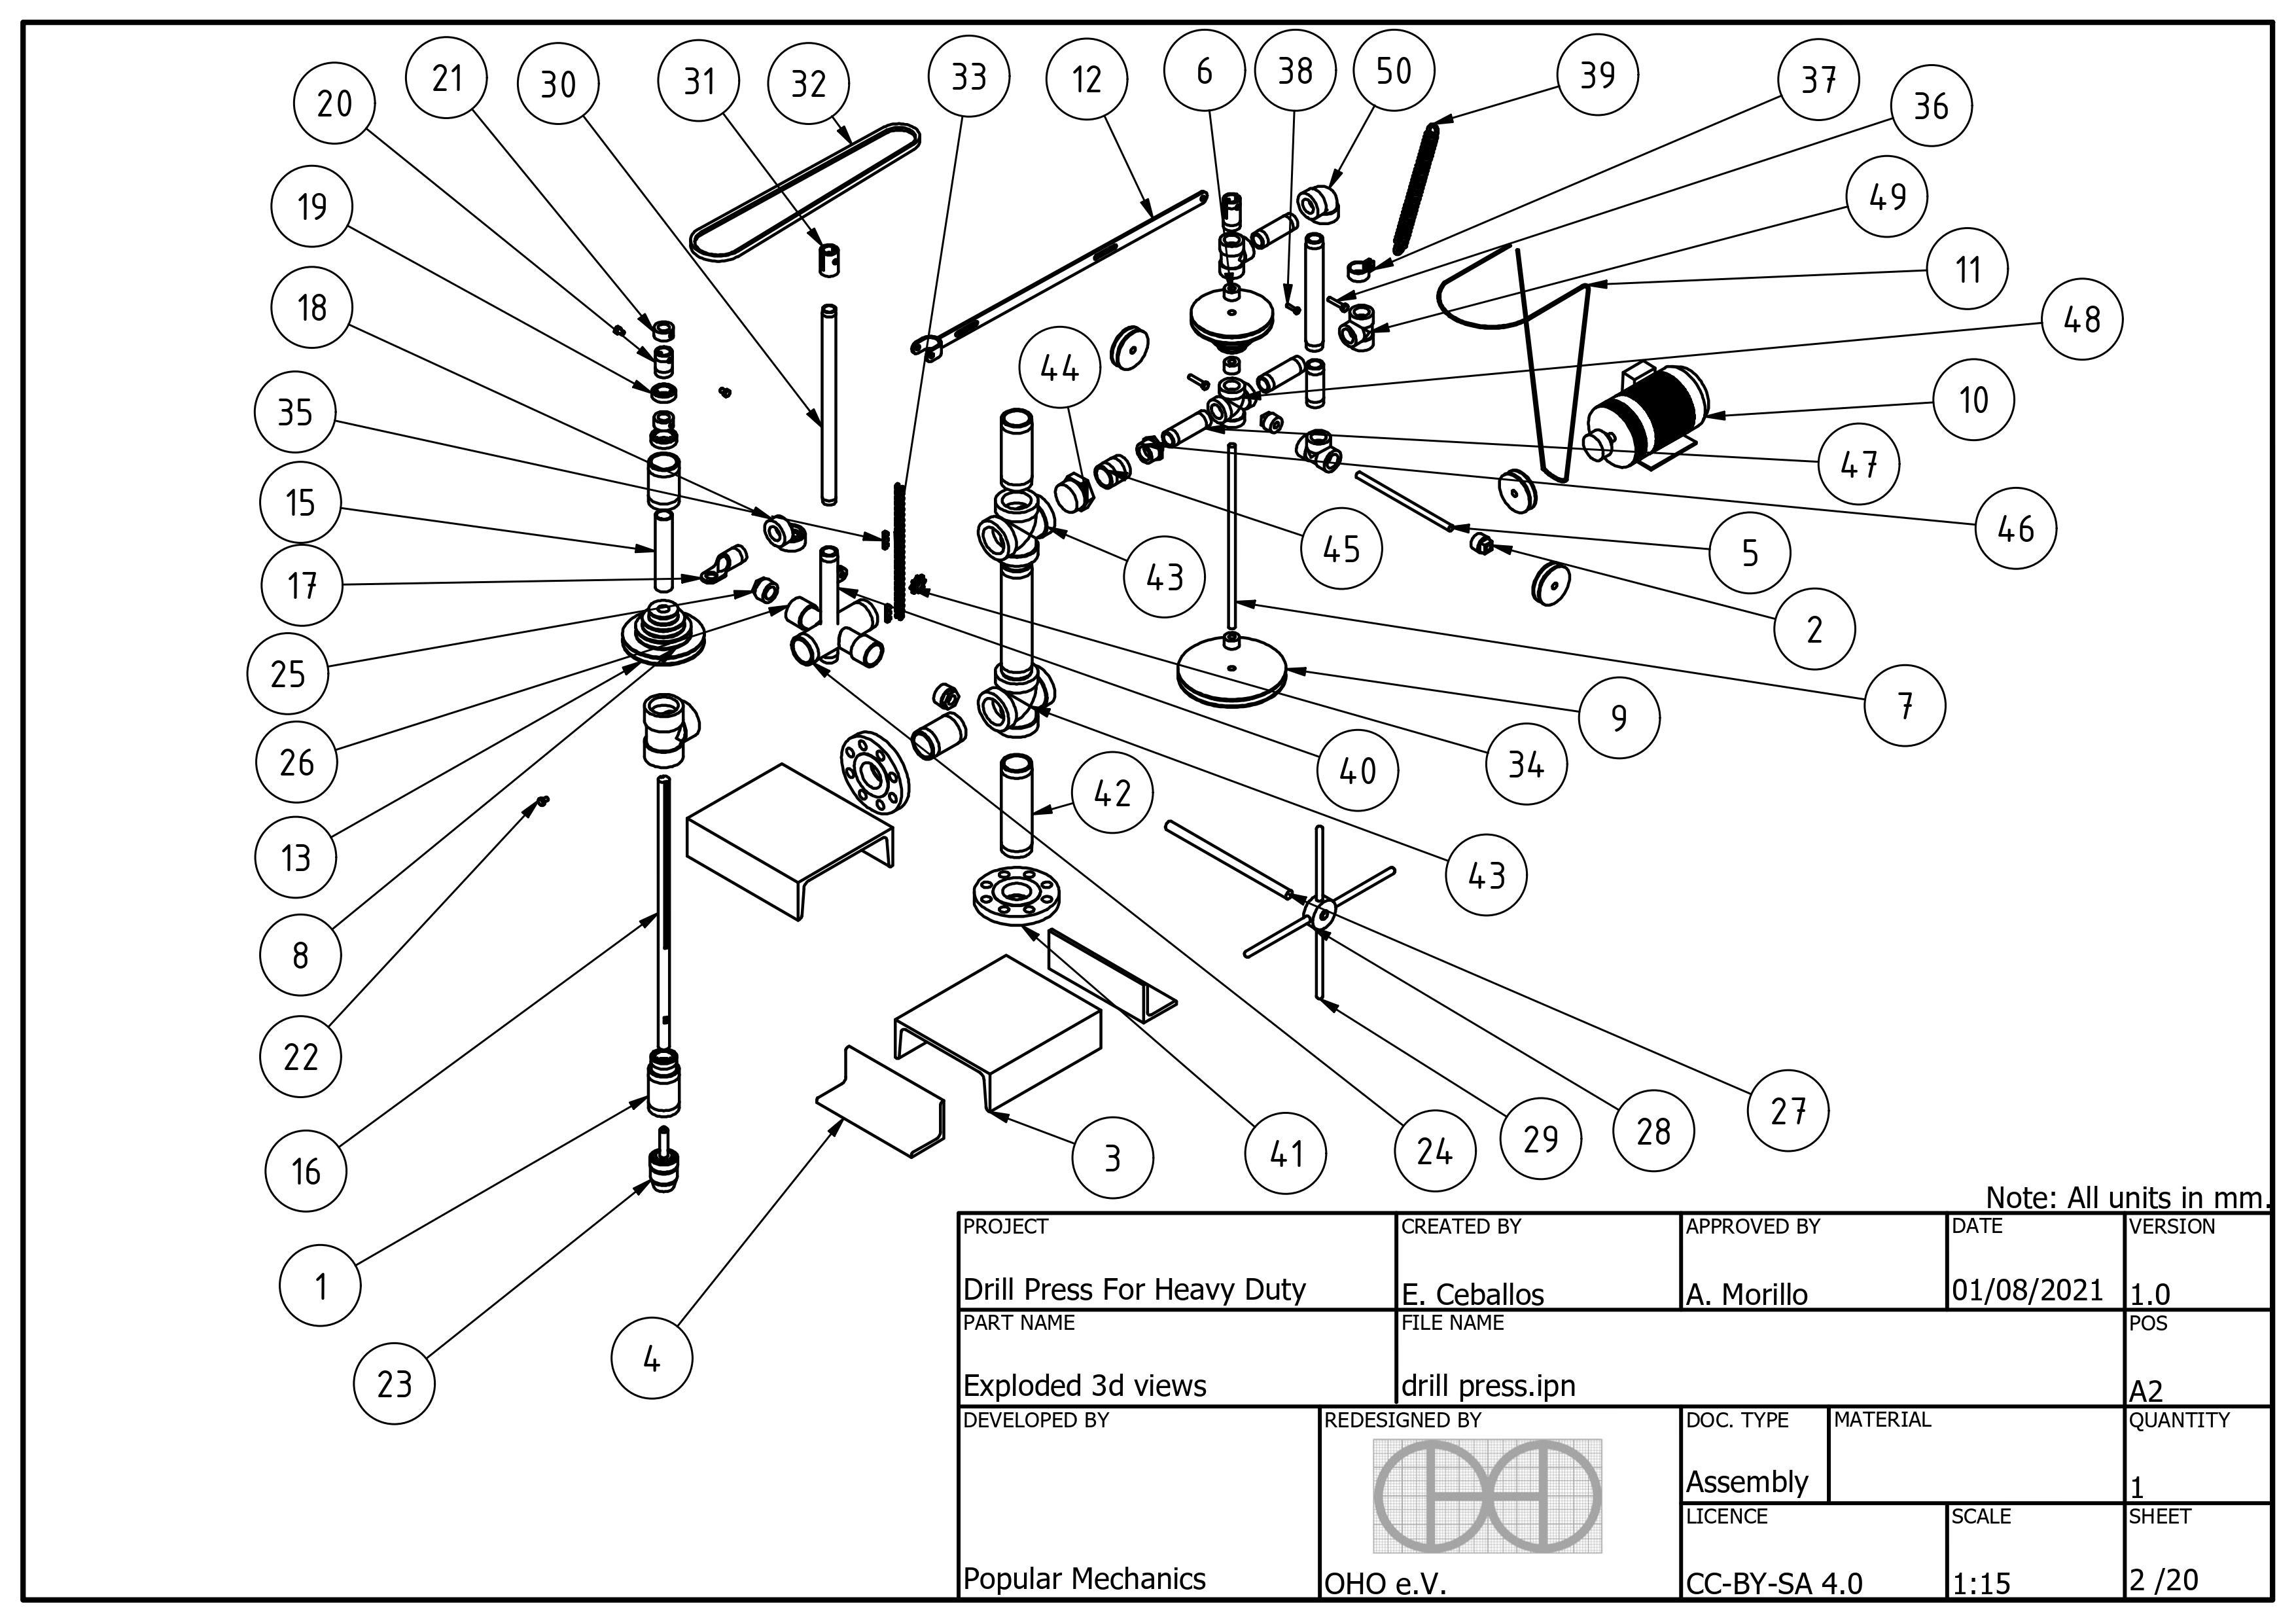 Pm dp drill-press 0002.jpg